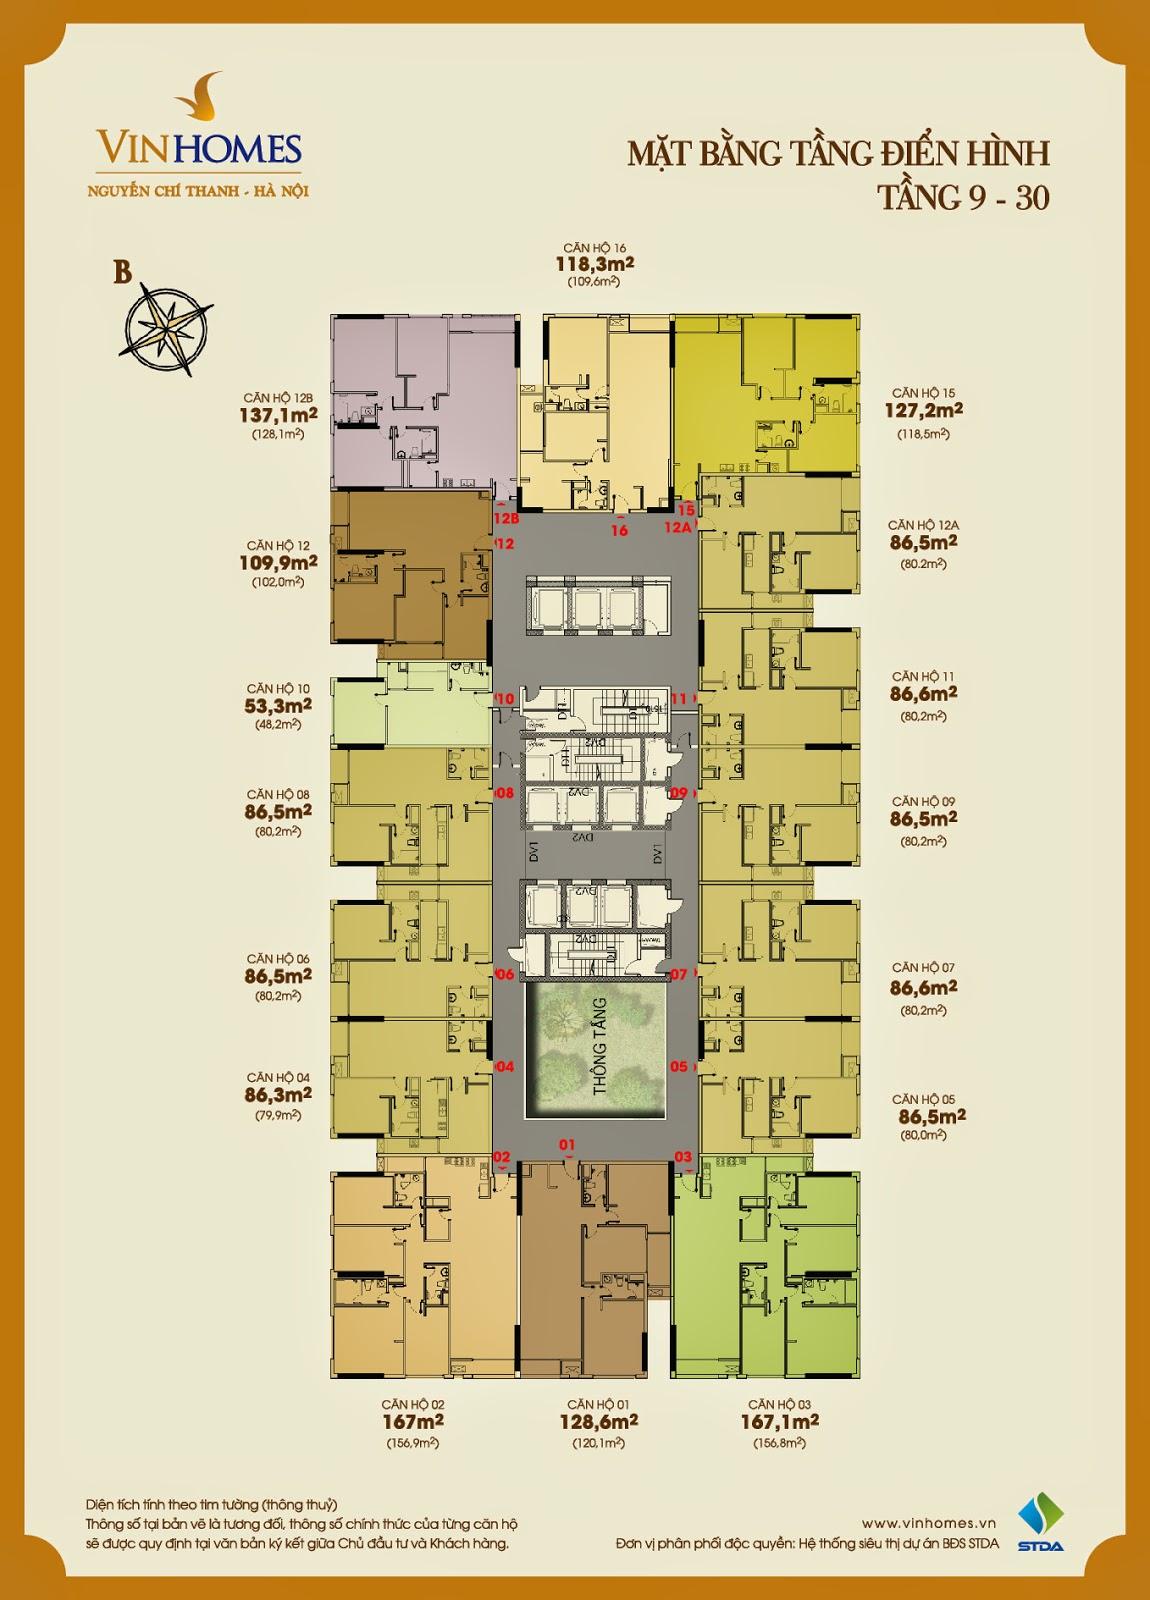 căn hộ VINHOMES NGUYỄN CHÍ THANH